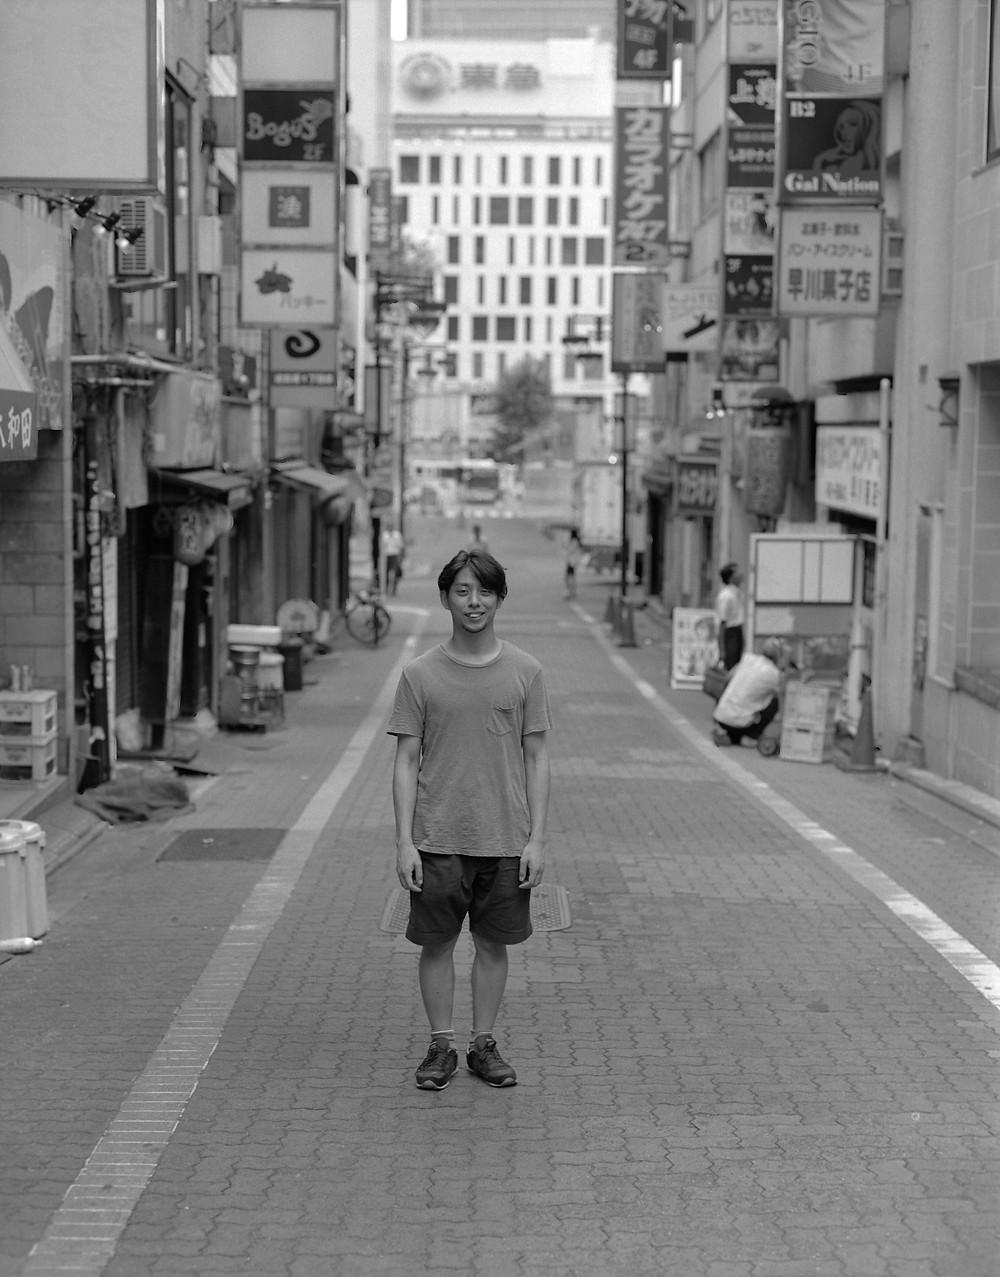 串尾一輝 2016.8.15 ≪吉原洋一『あさしぶ』より≫